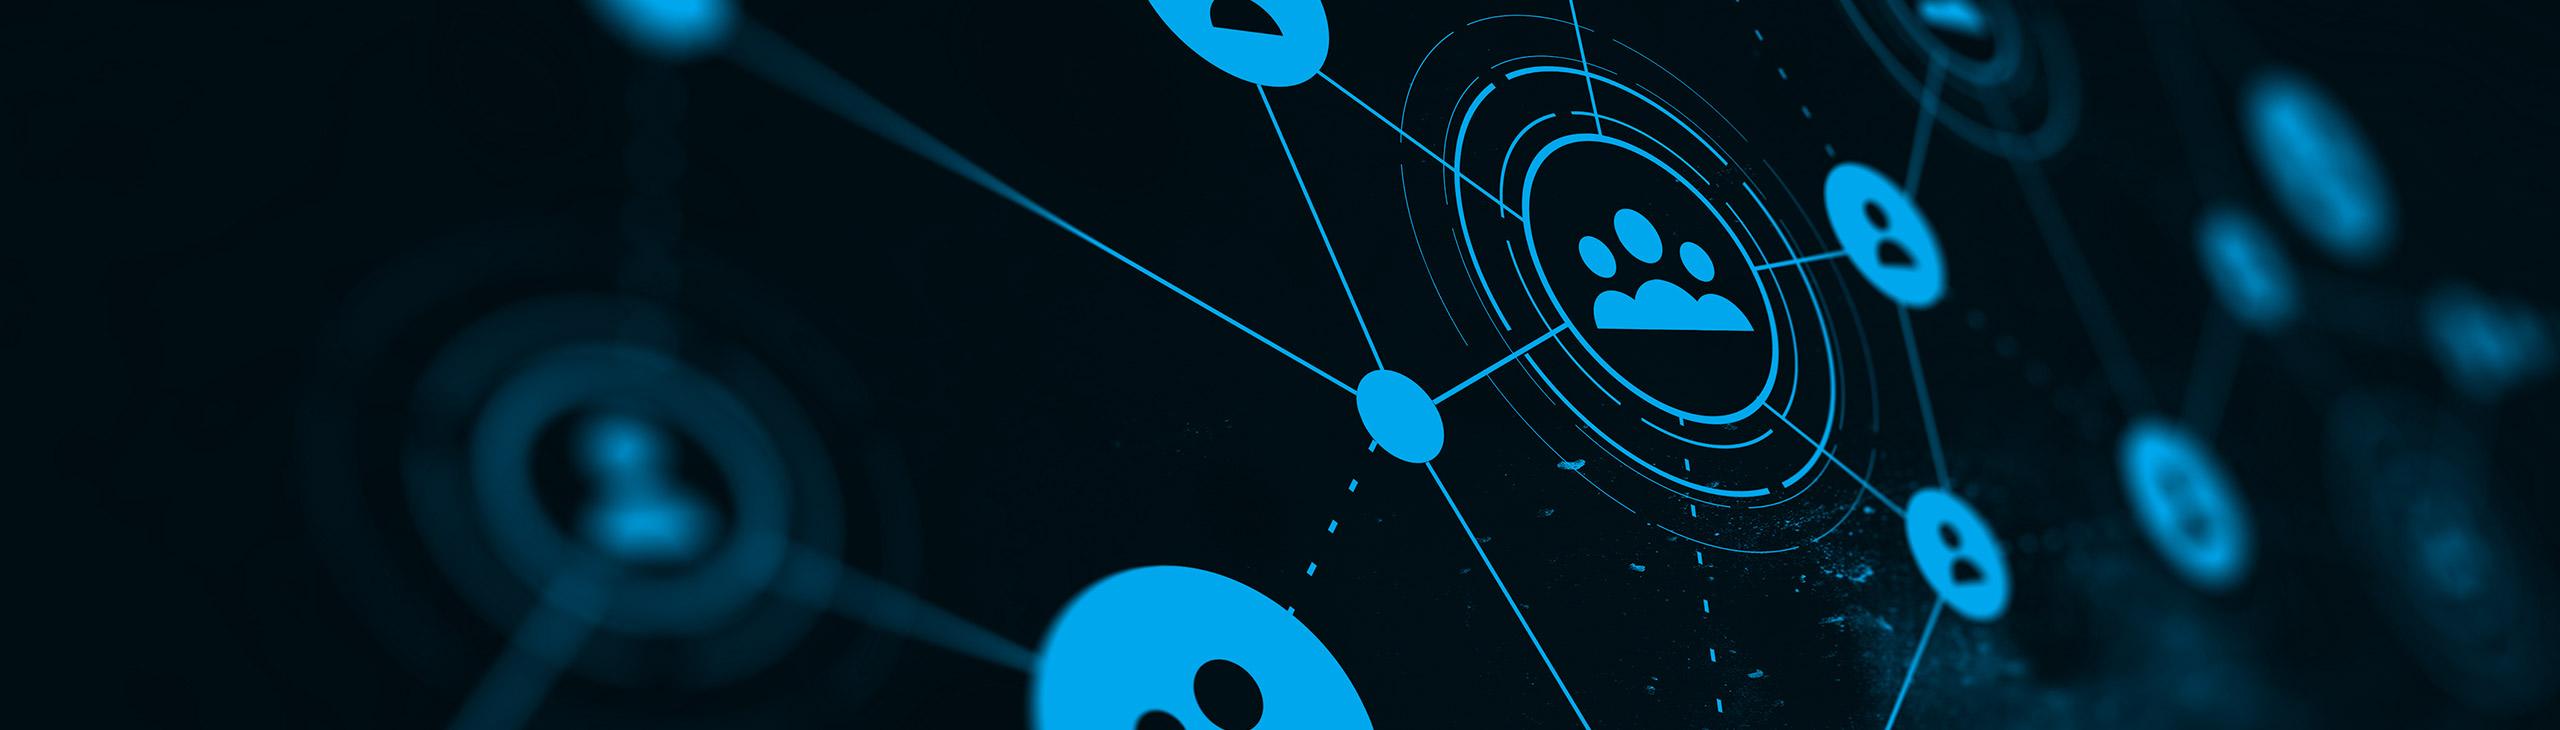 5-tips-virtueel-netwerken-tijdens-online-events-header